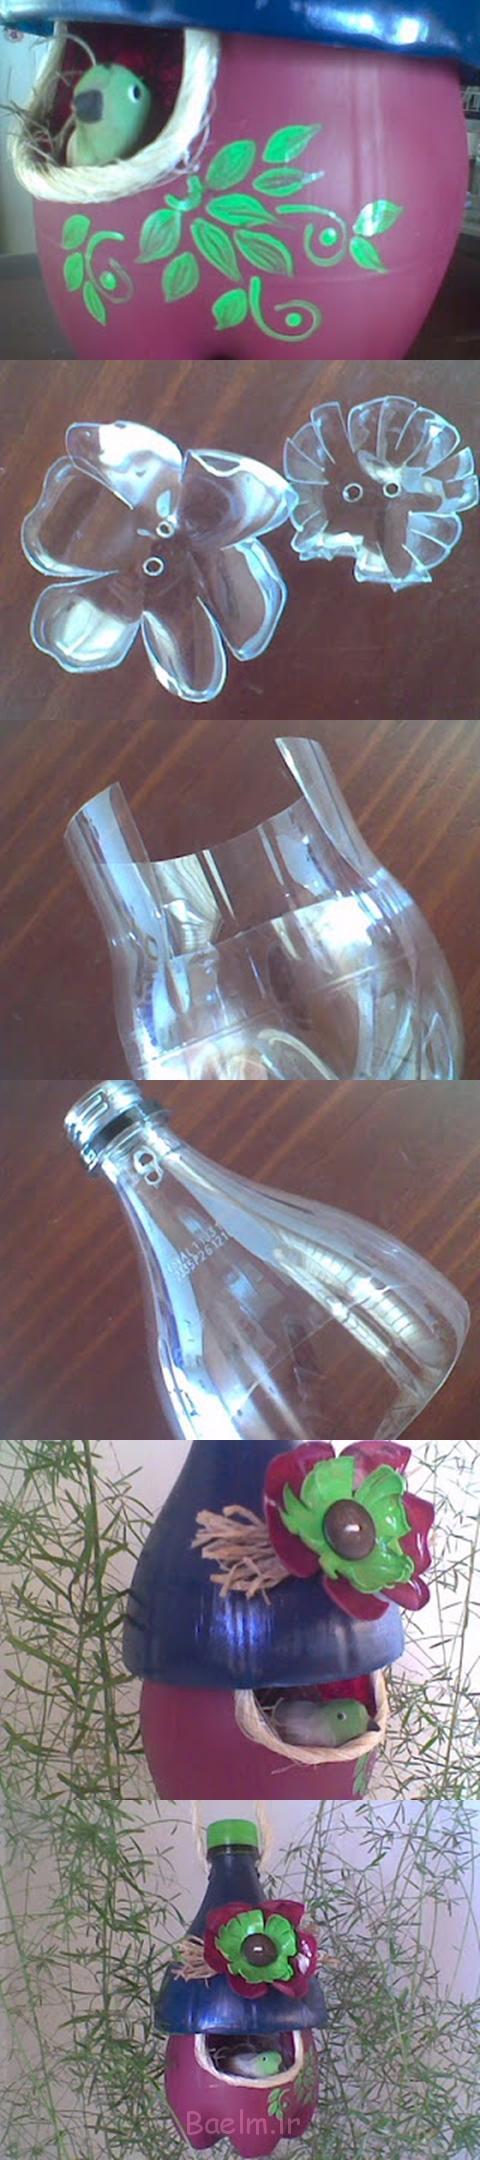 بطری های پلاستیکی پرنده House6 M شگفت انگیز DIY پرنده خانه بازیافت شده از بطری های